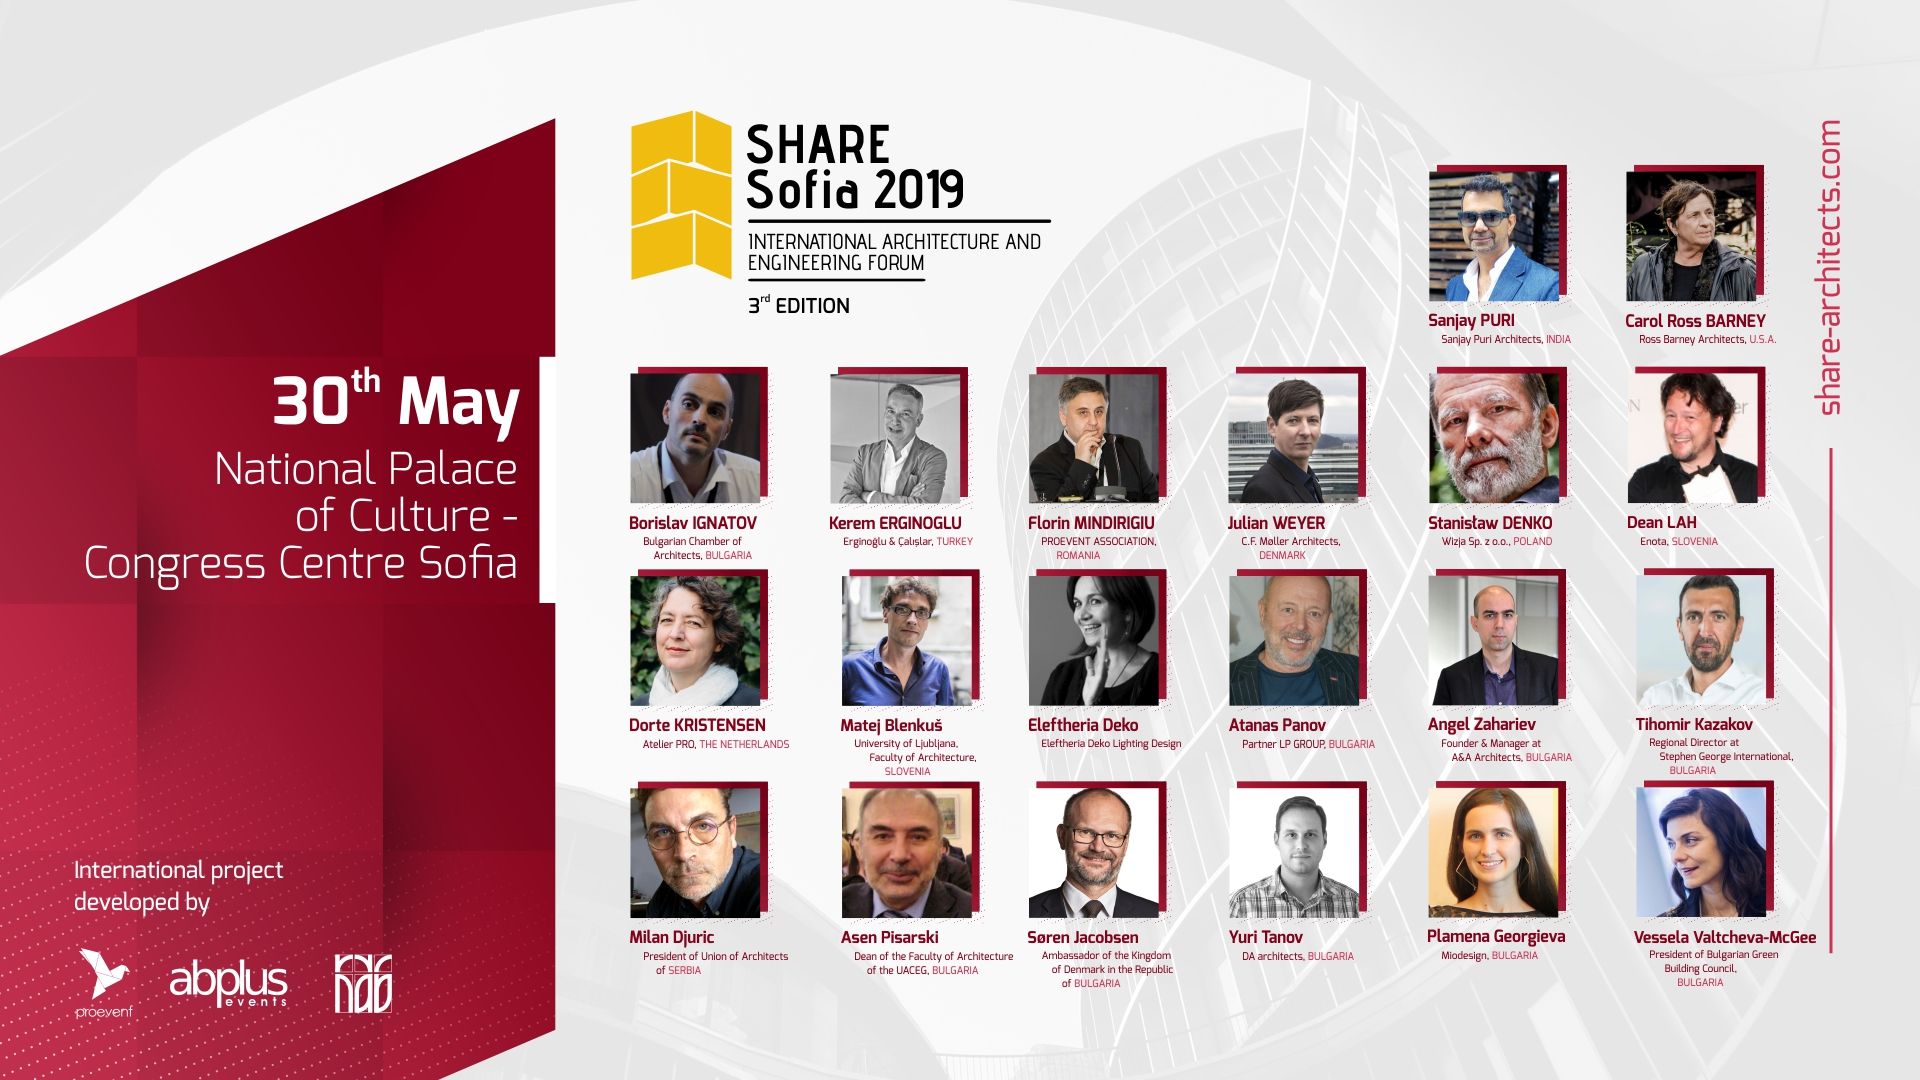 55d1ab4e36b Какво Ви очаква на архитектурния форум SHARE SOFIA 2019? Български  архитектурни награди и международни лектори